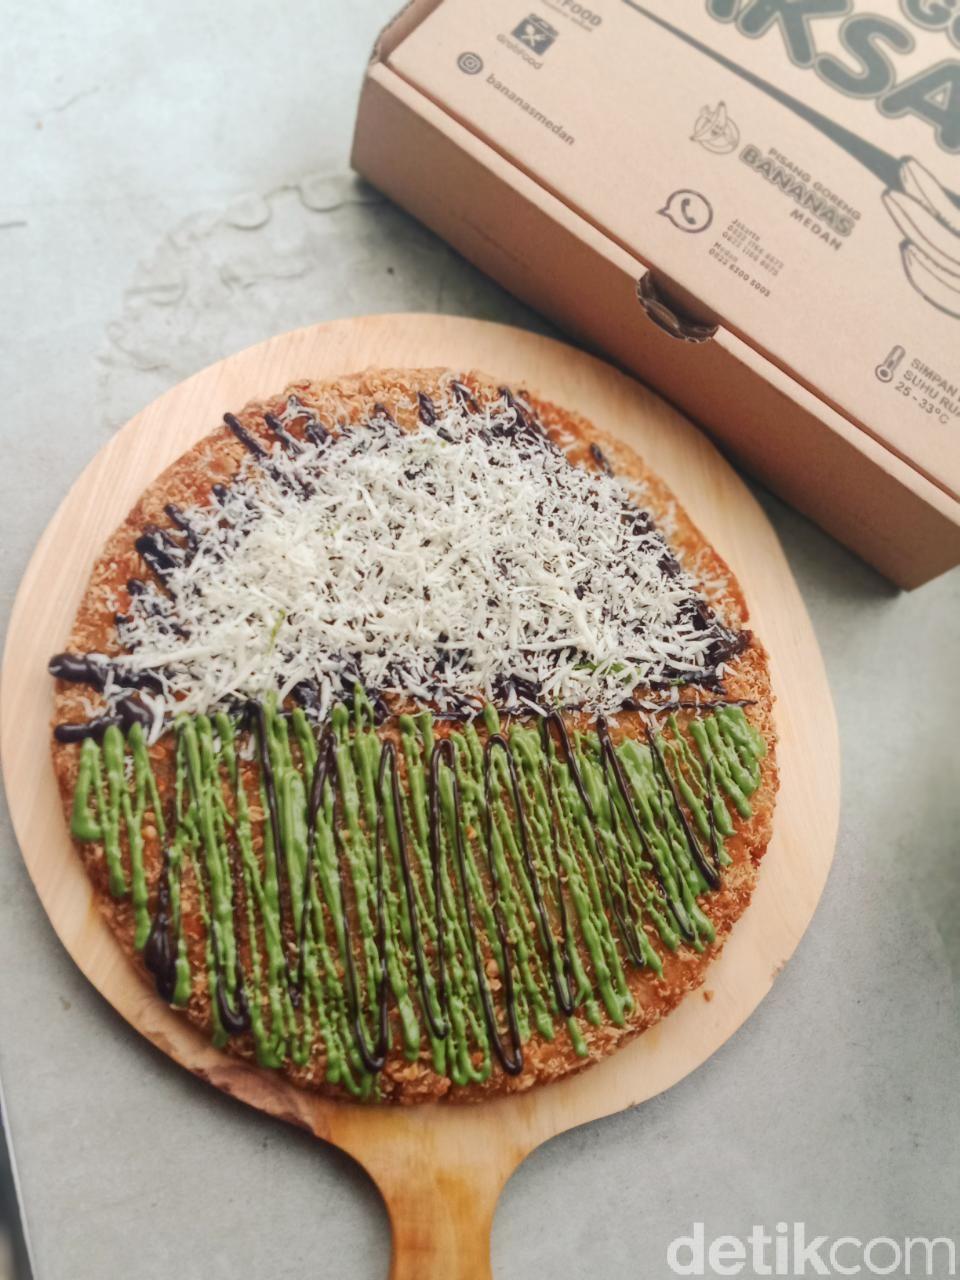 Baru! Ini Pisang Goreng Bentuk Pizza yang Lagi Ngehits